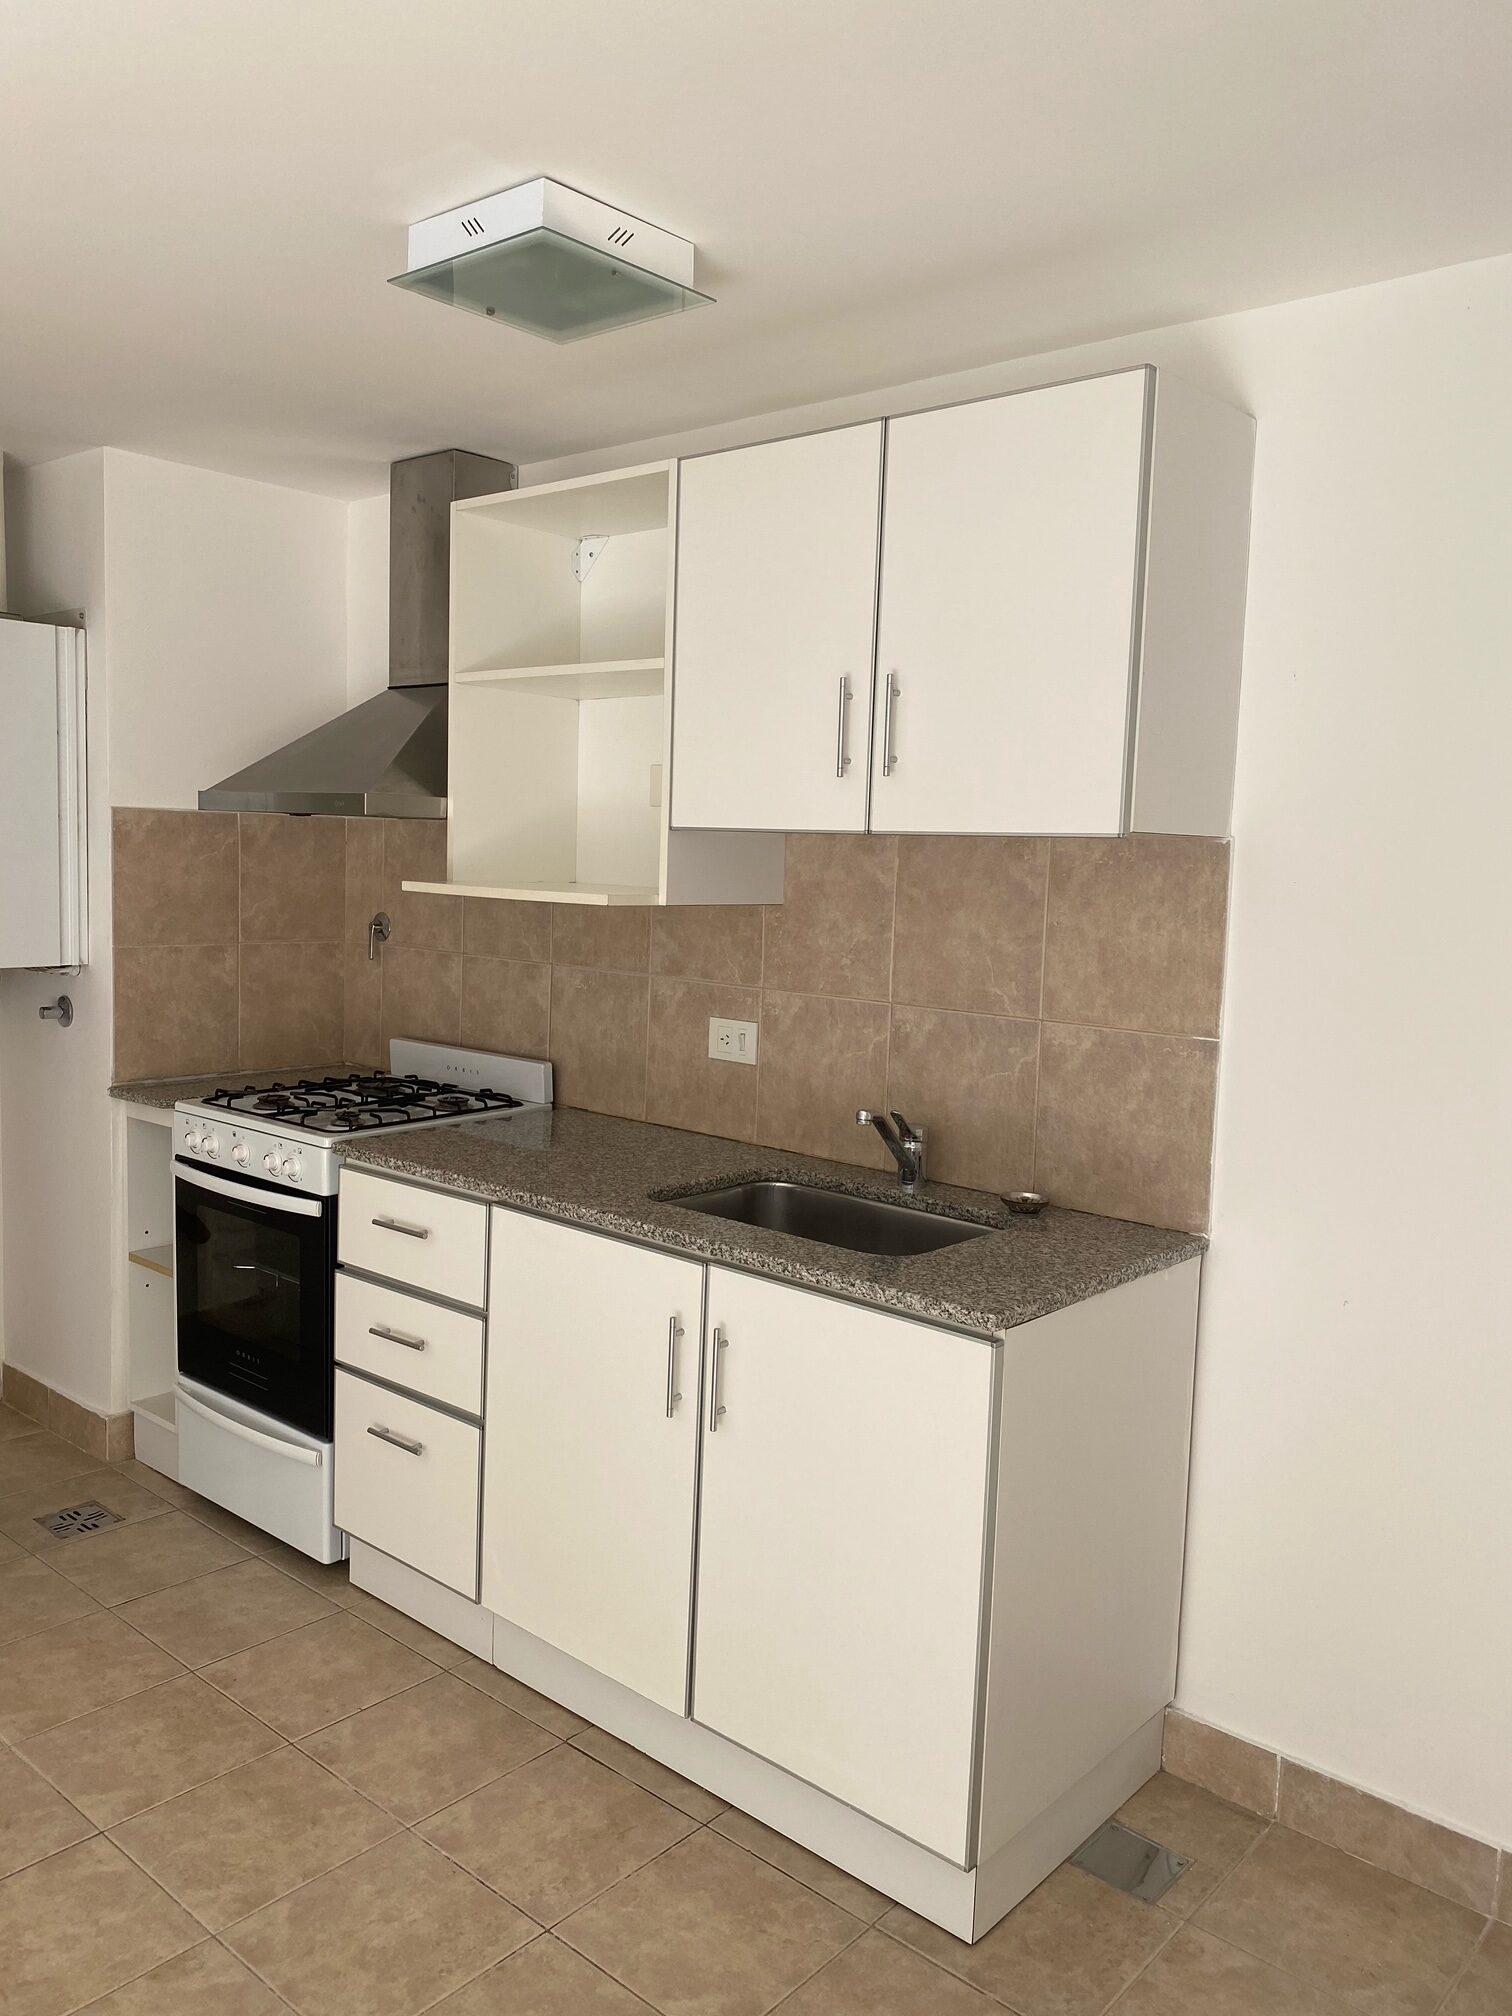 Departamento de 1 dormitorio en venta Caviahue 224, zona centro alto.